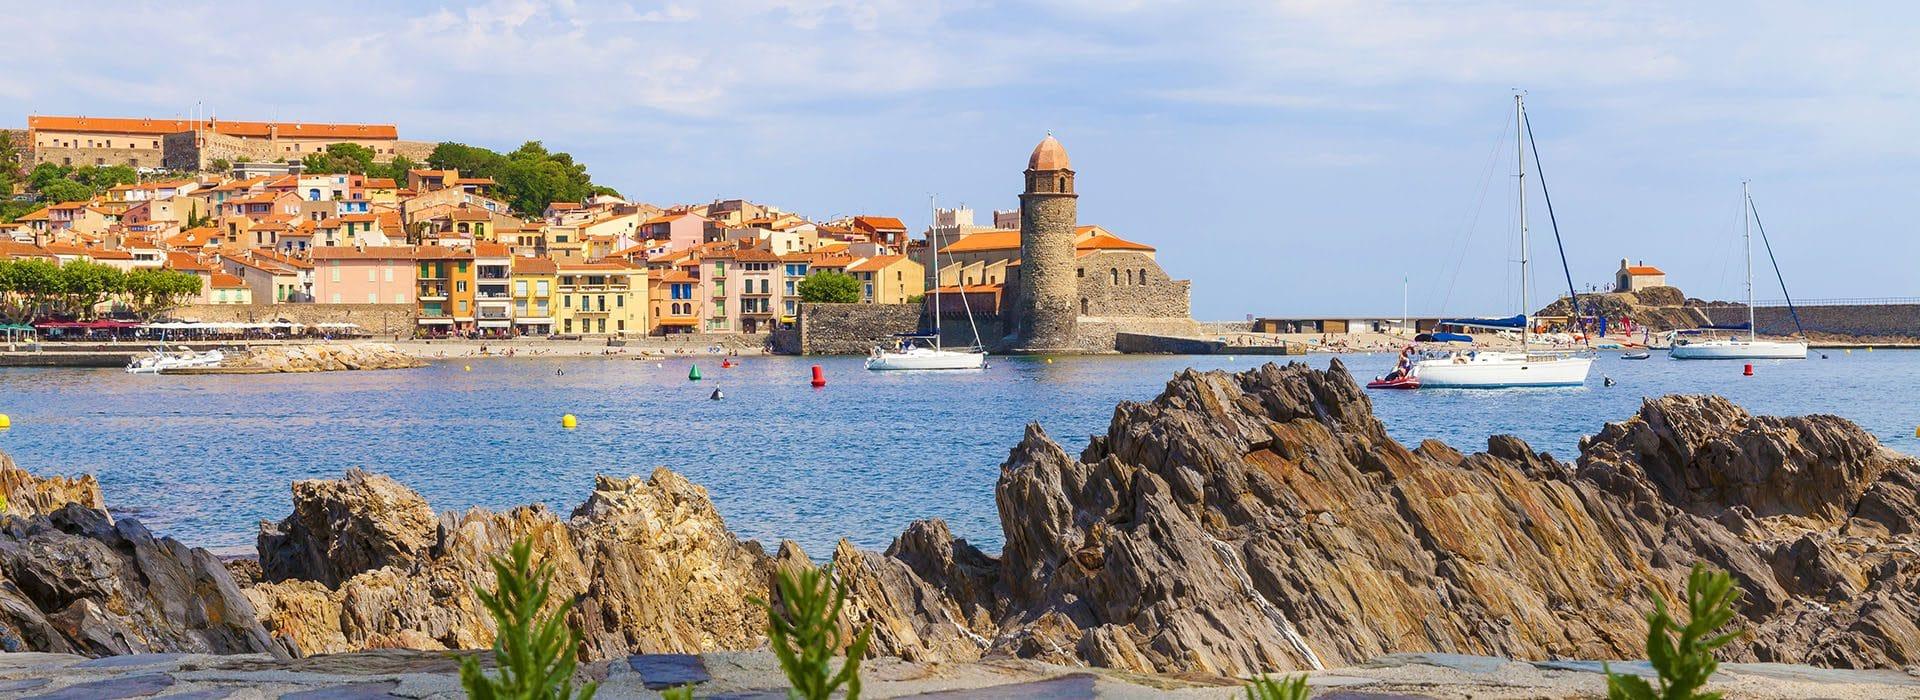 Vakantie in de Languedoc-Roussillon 1